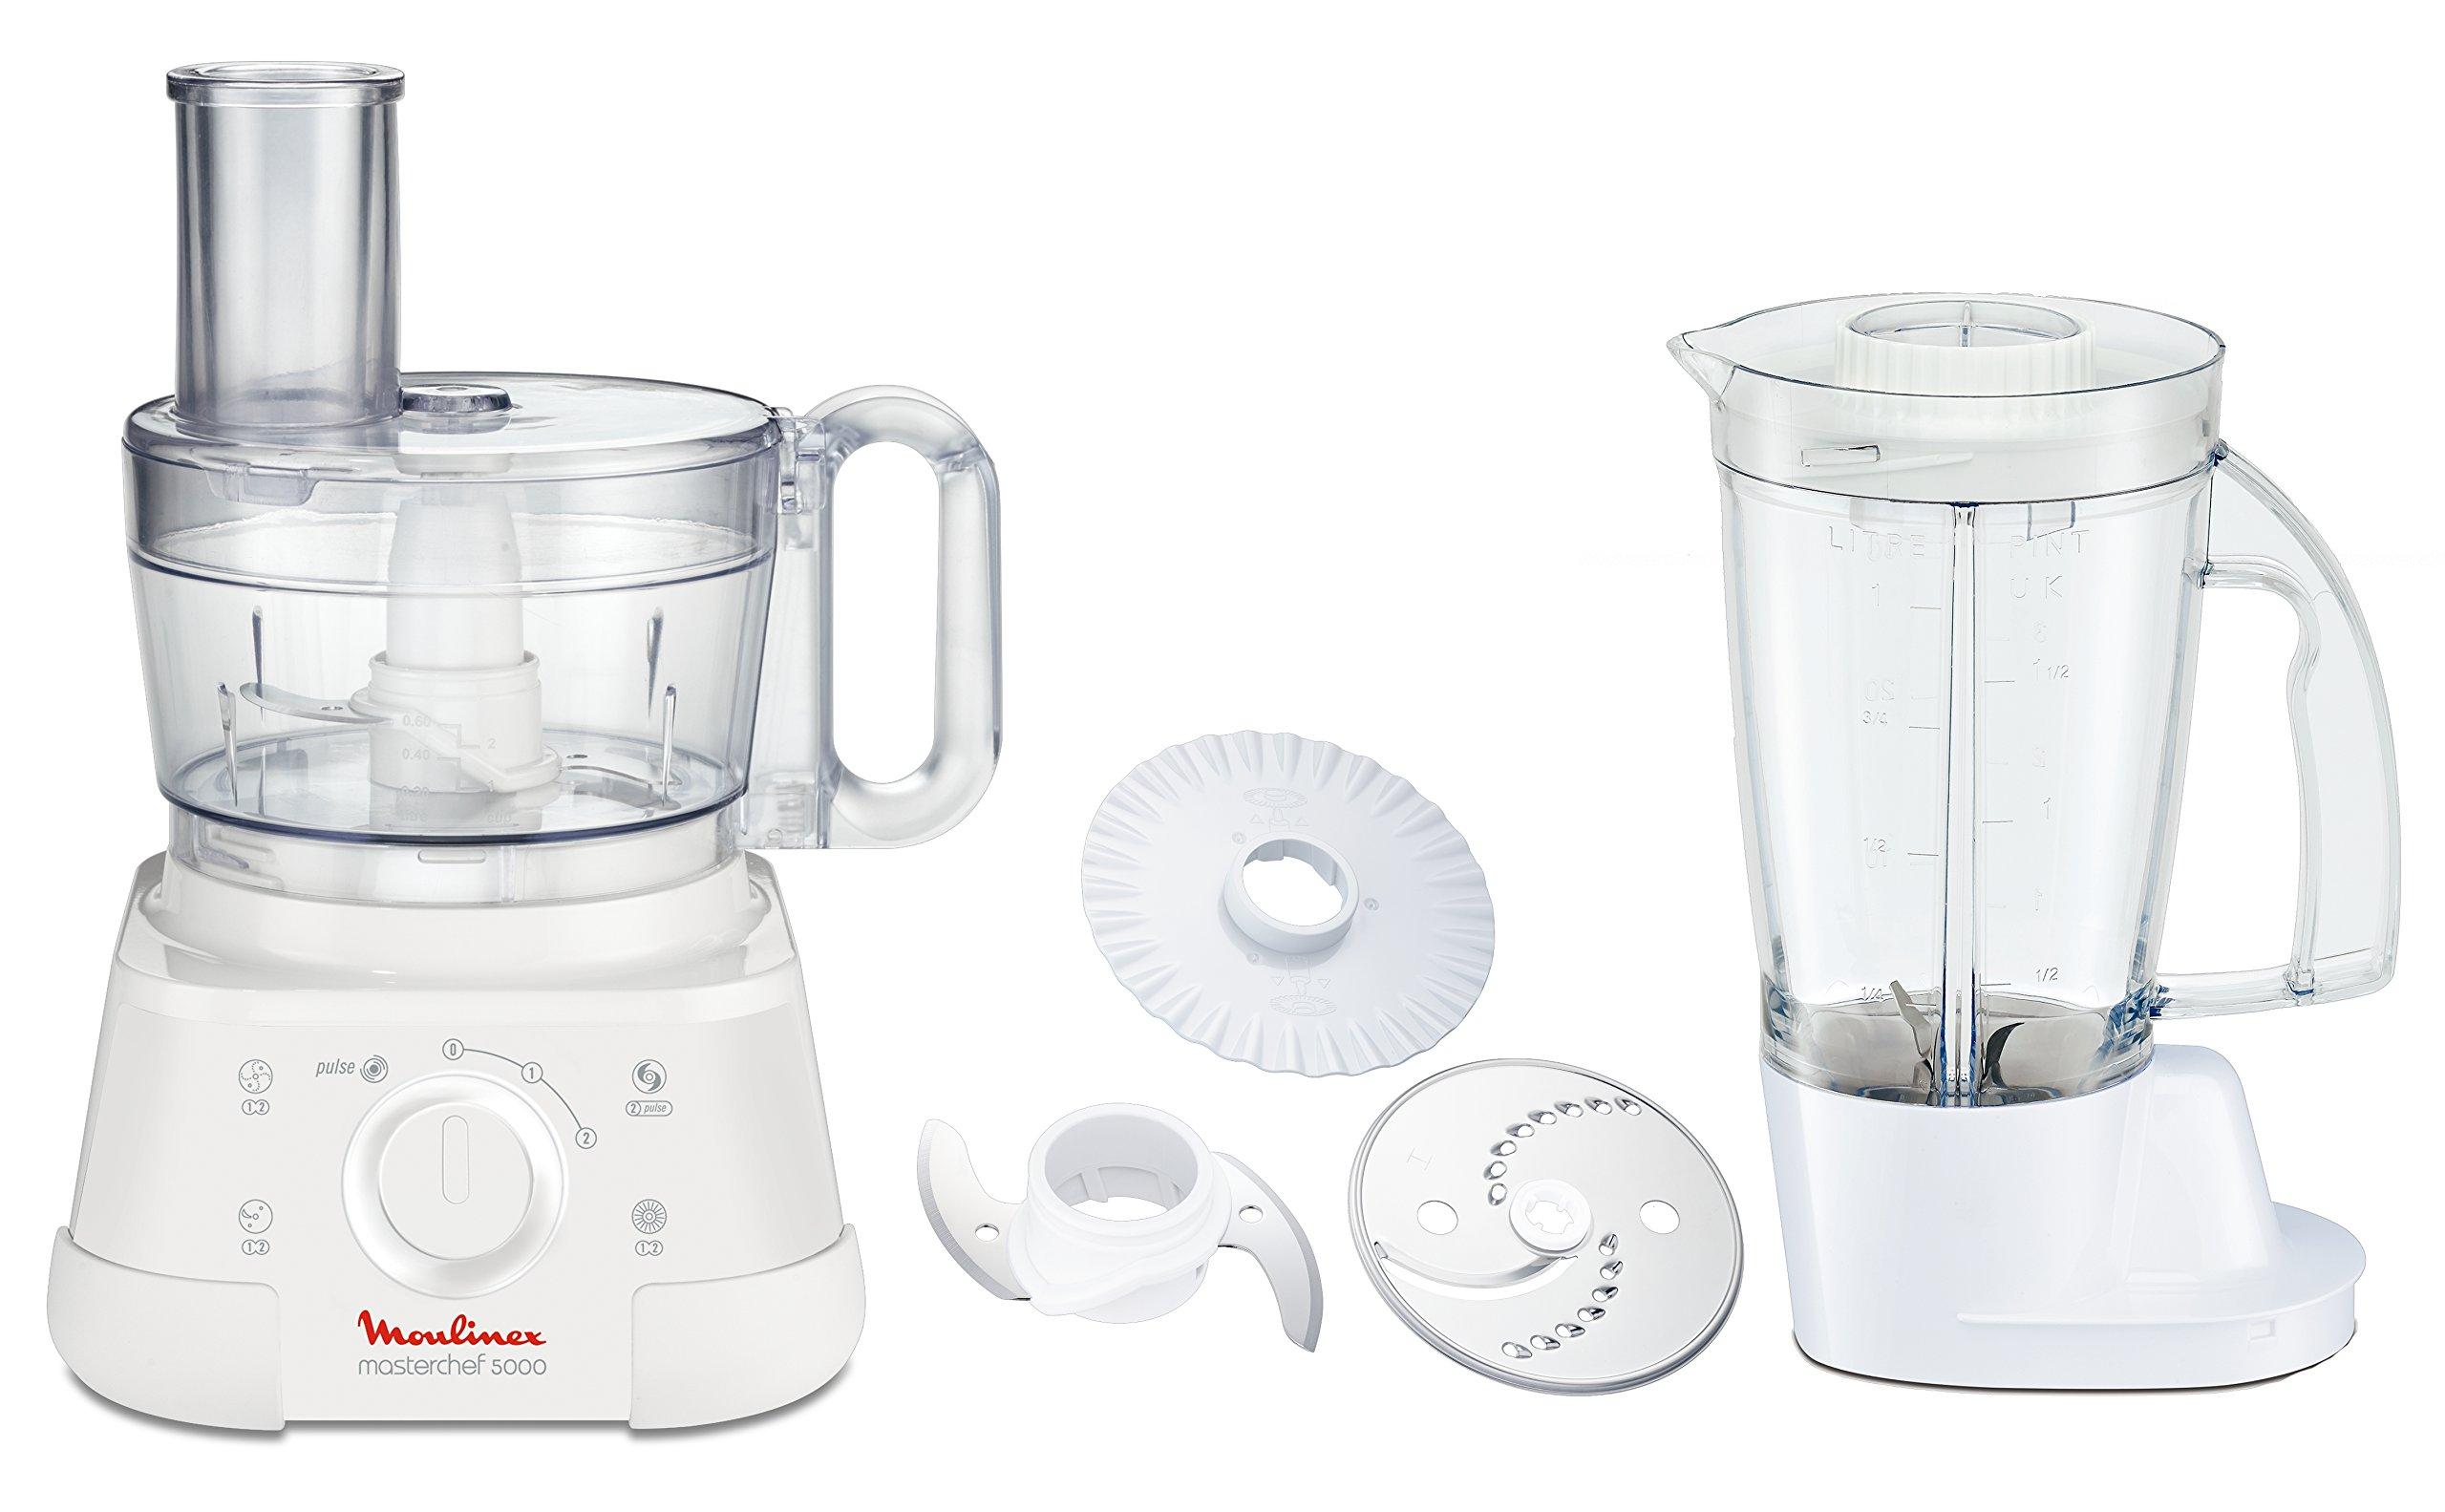 Moulinex Masterchef 5000 FP513110 - Robot de cocina, 750 W, 2.2 L, plástico, 2 velocidades, blanco: Amazon.es: Hogar